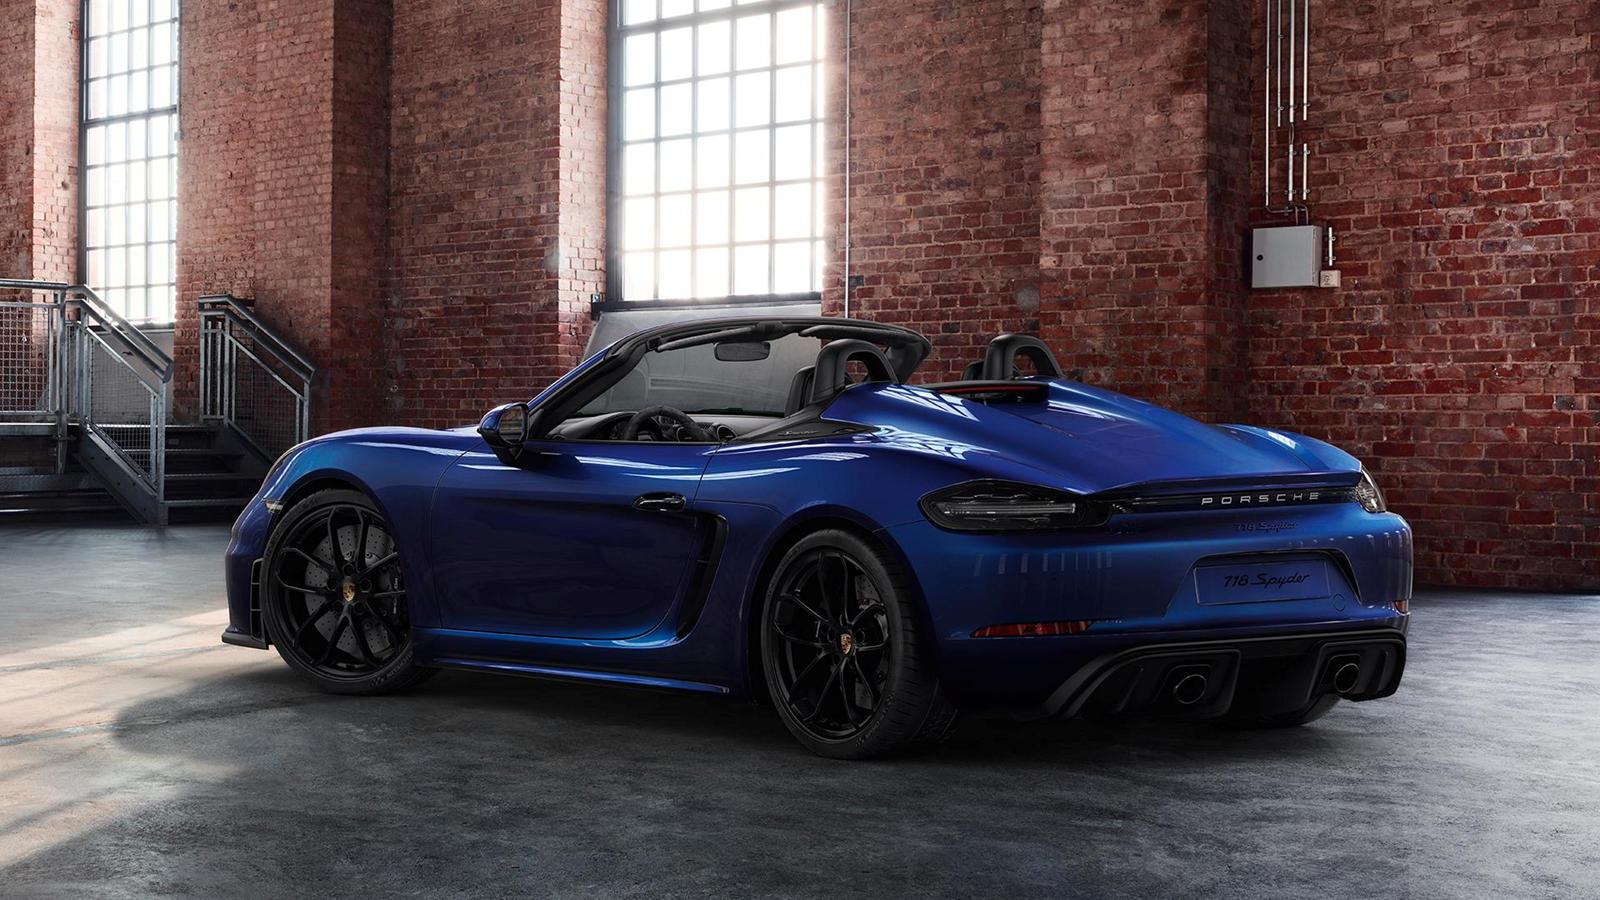 Porsche Shows Off Exclusive 718 Spyder